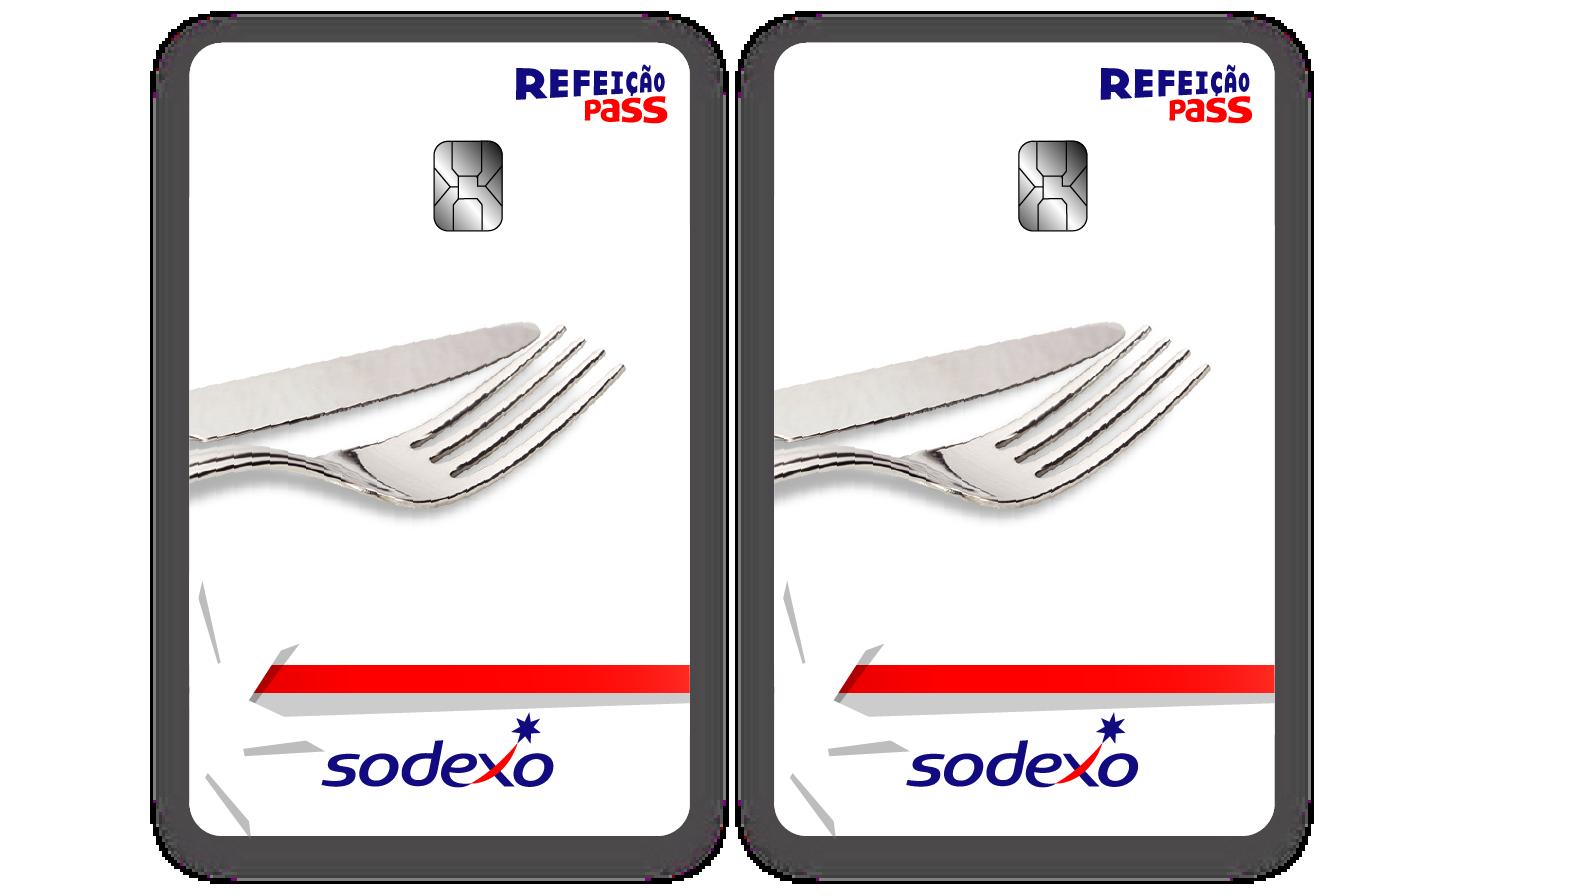 Duplamente Orgulhosos: O Sodexo Refeição Pass foi eleito o melhor cartão de refeição pelo segundo ano consecutivo. Prémio 5 Estrelas e Prémio Escolha do Consumidor